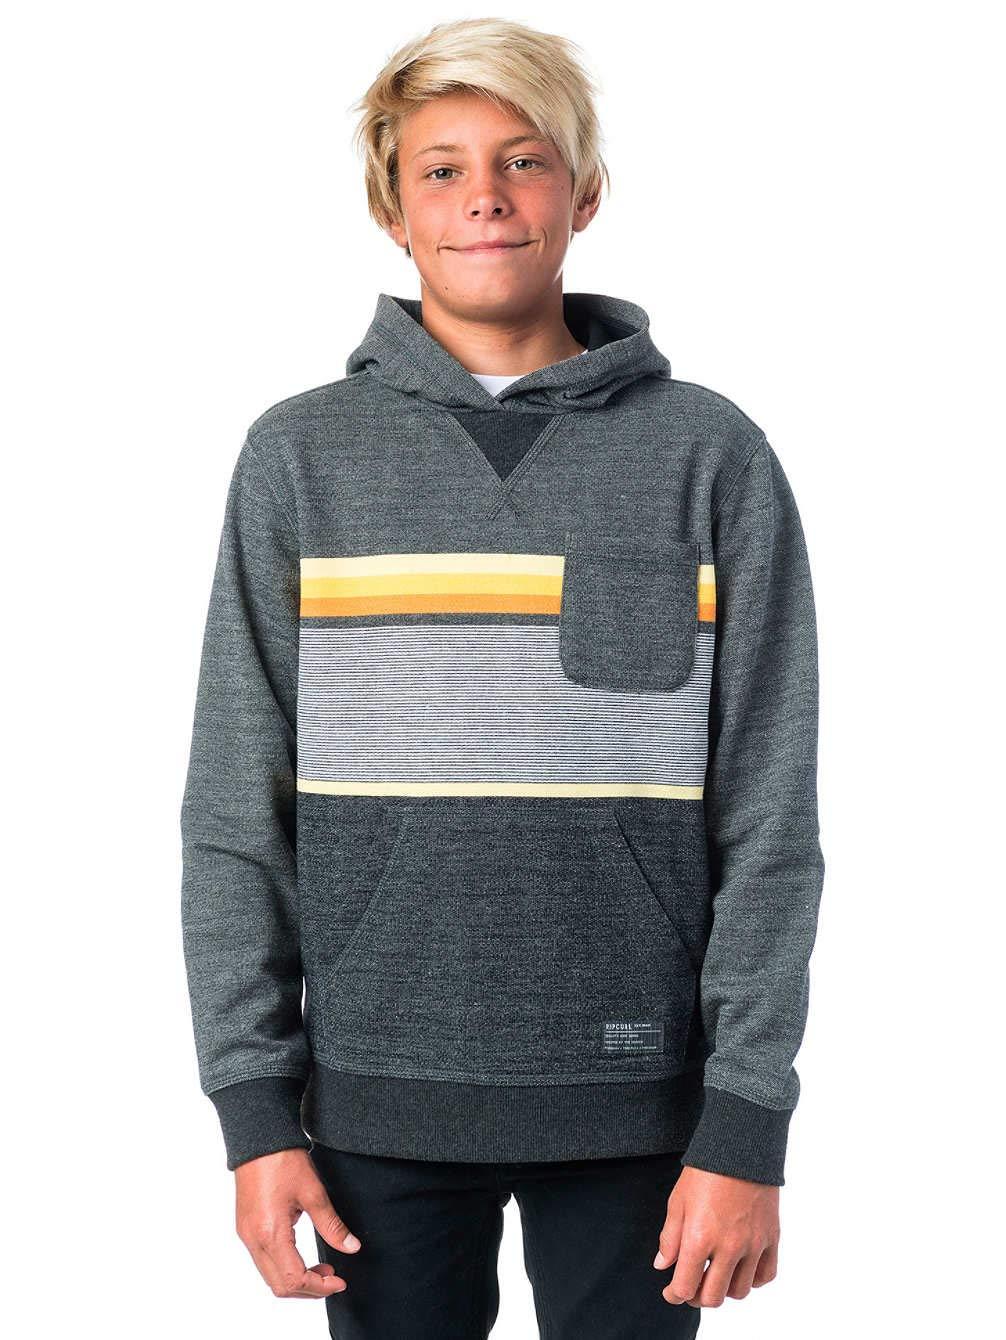 RIP CURL Yarn Dyed Stripe Hooded Fleece Sudadera, Niños: Amazon.es: Deportes y aire libre